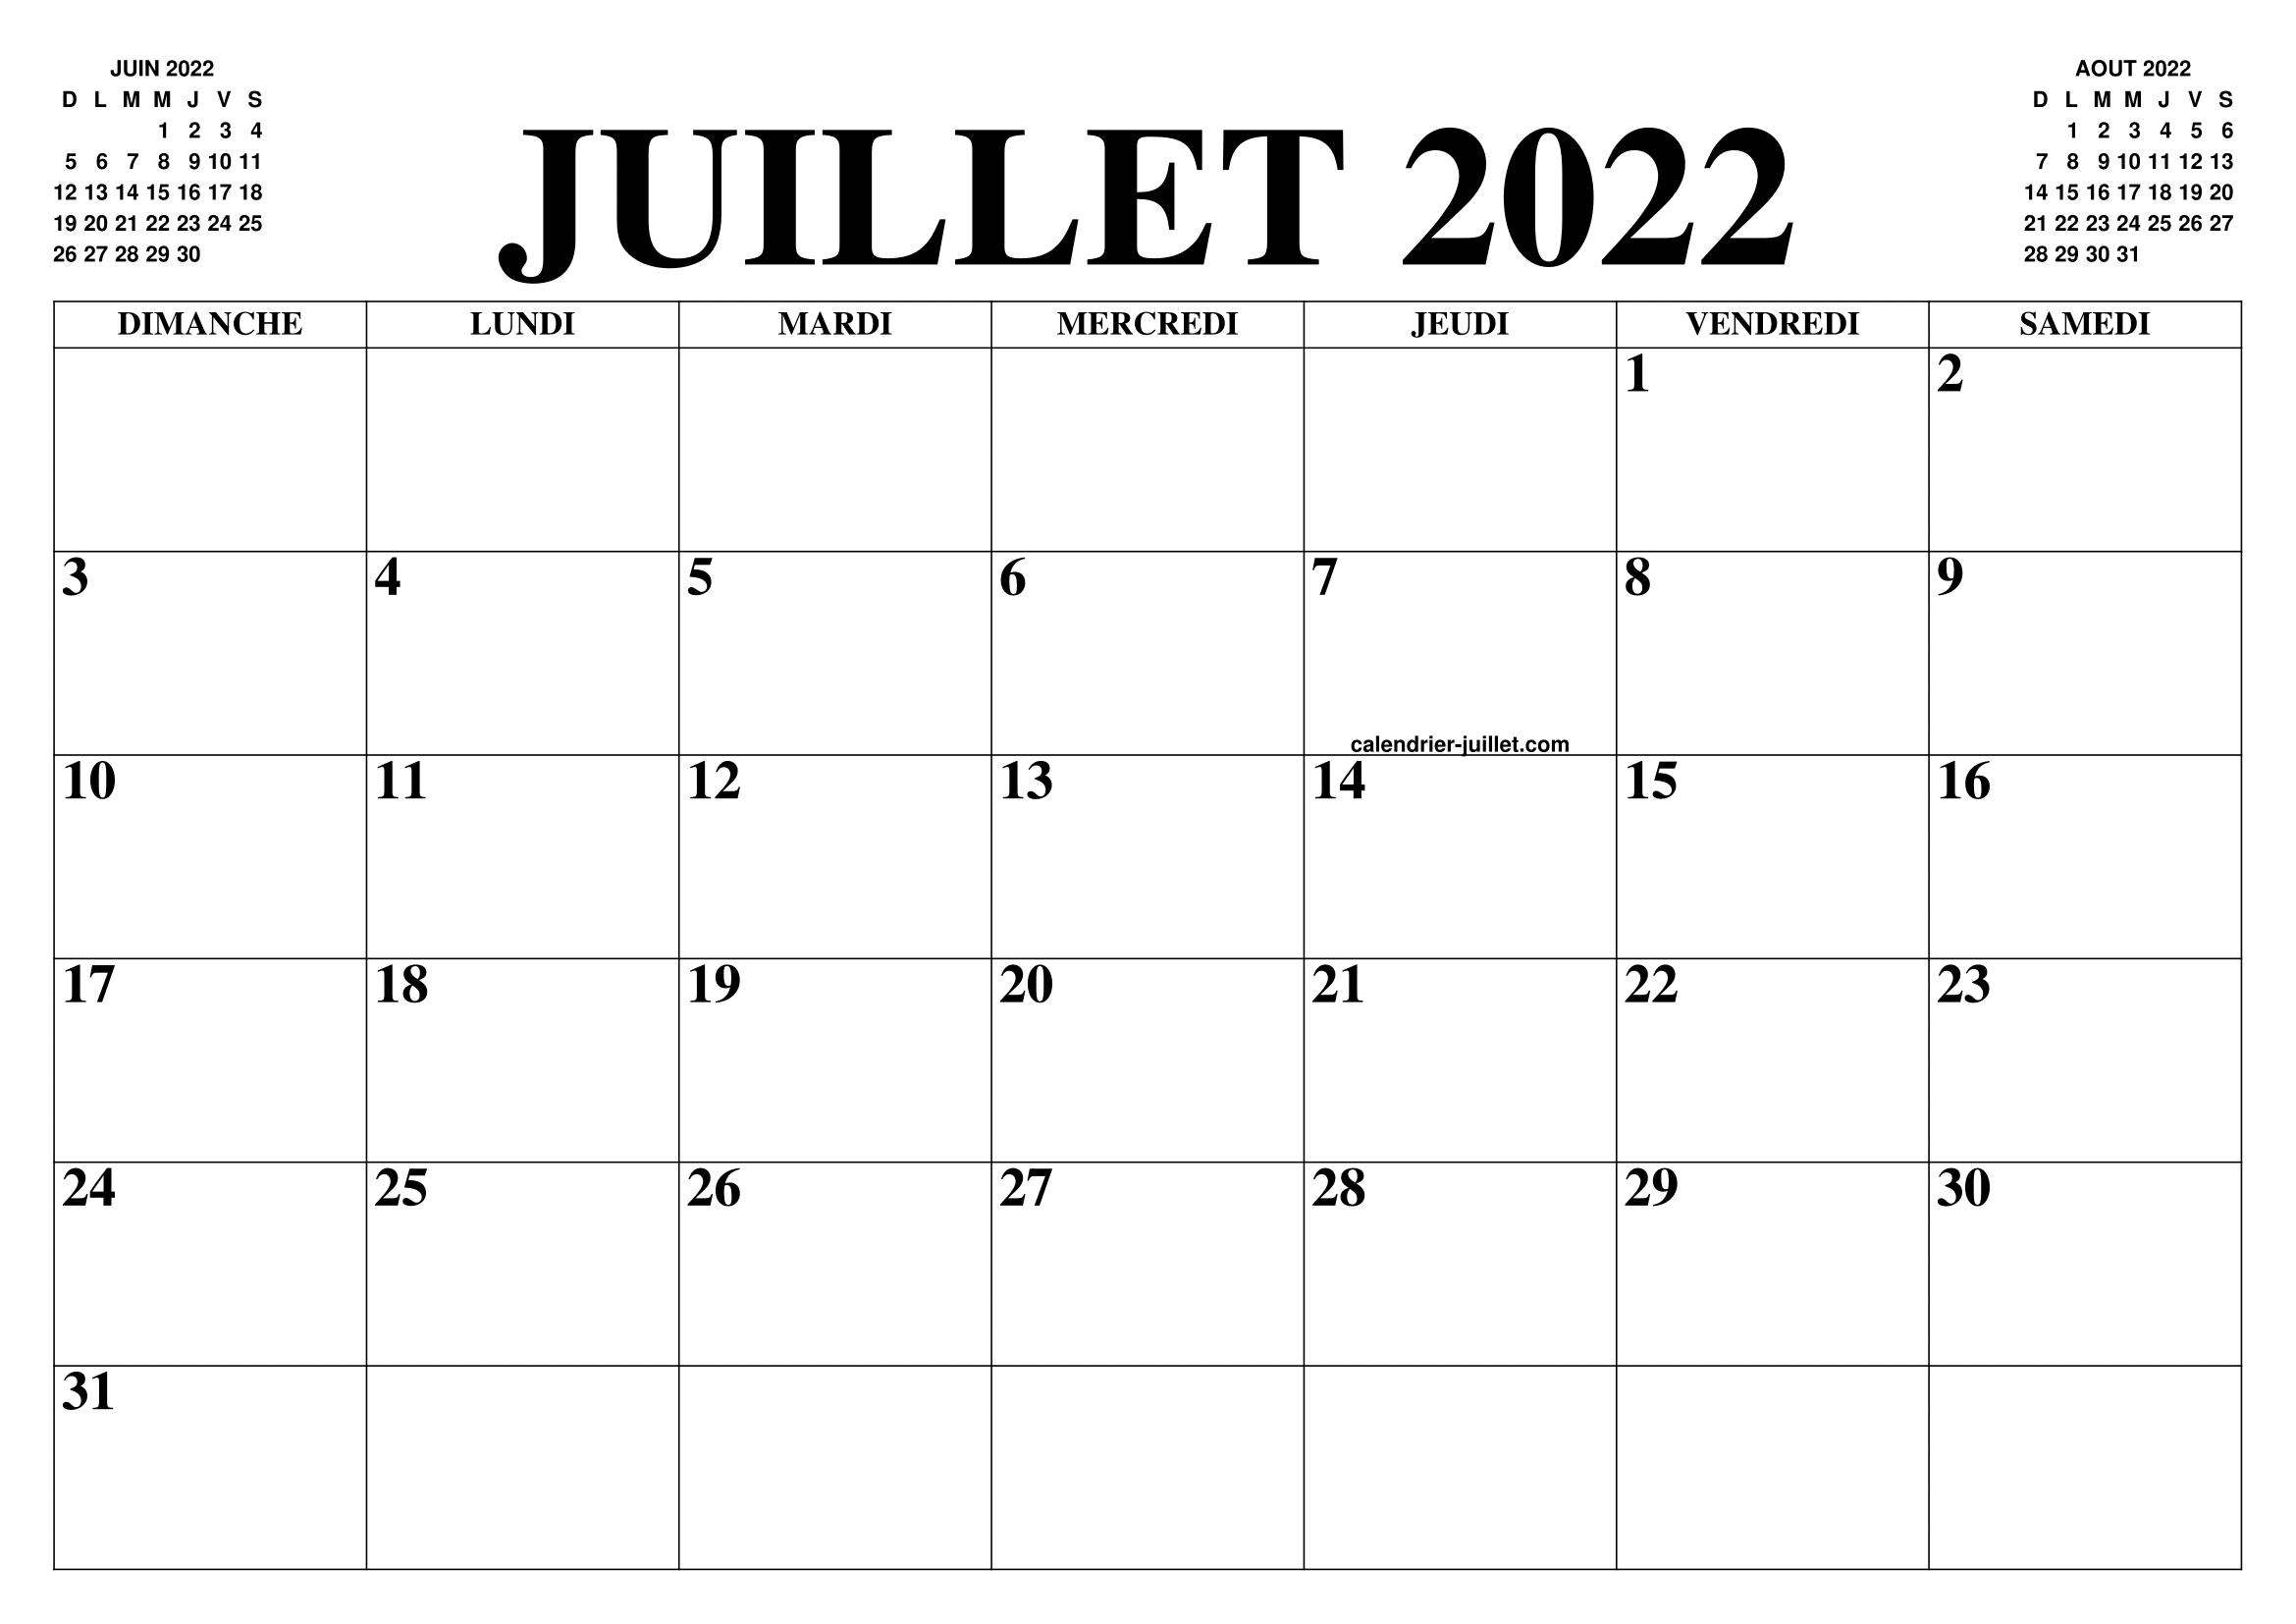 CALENDRIER JUILLET 2022 : LE CALENDRIER DU MOIS DE JUILLET GRATUIT